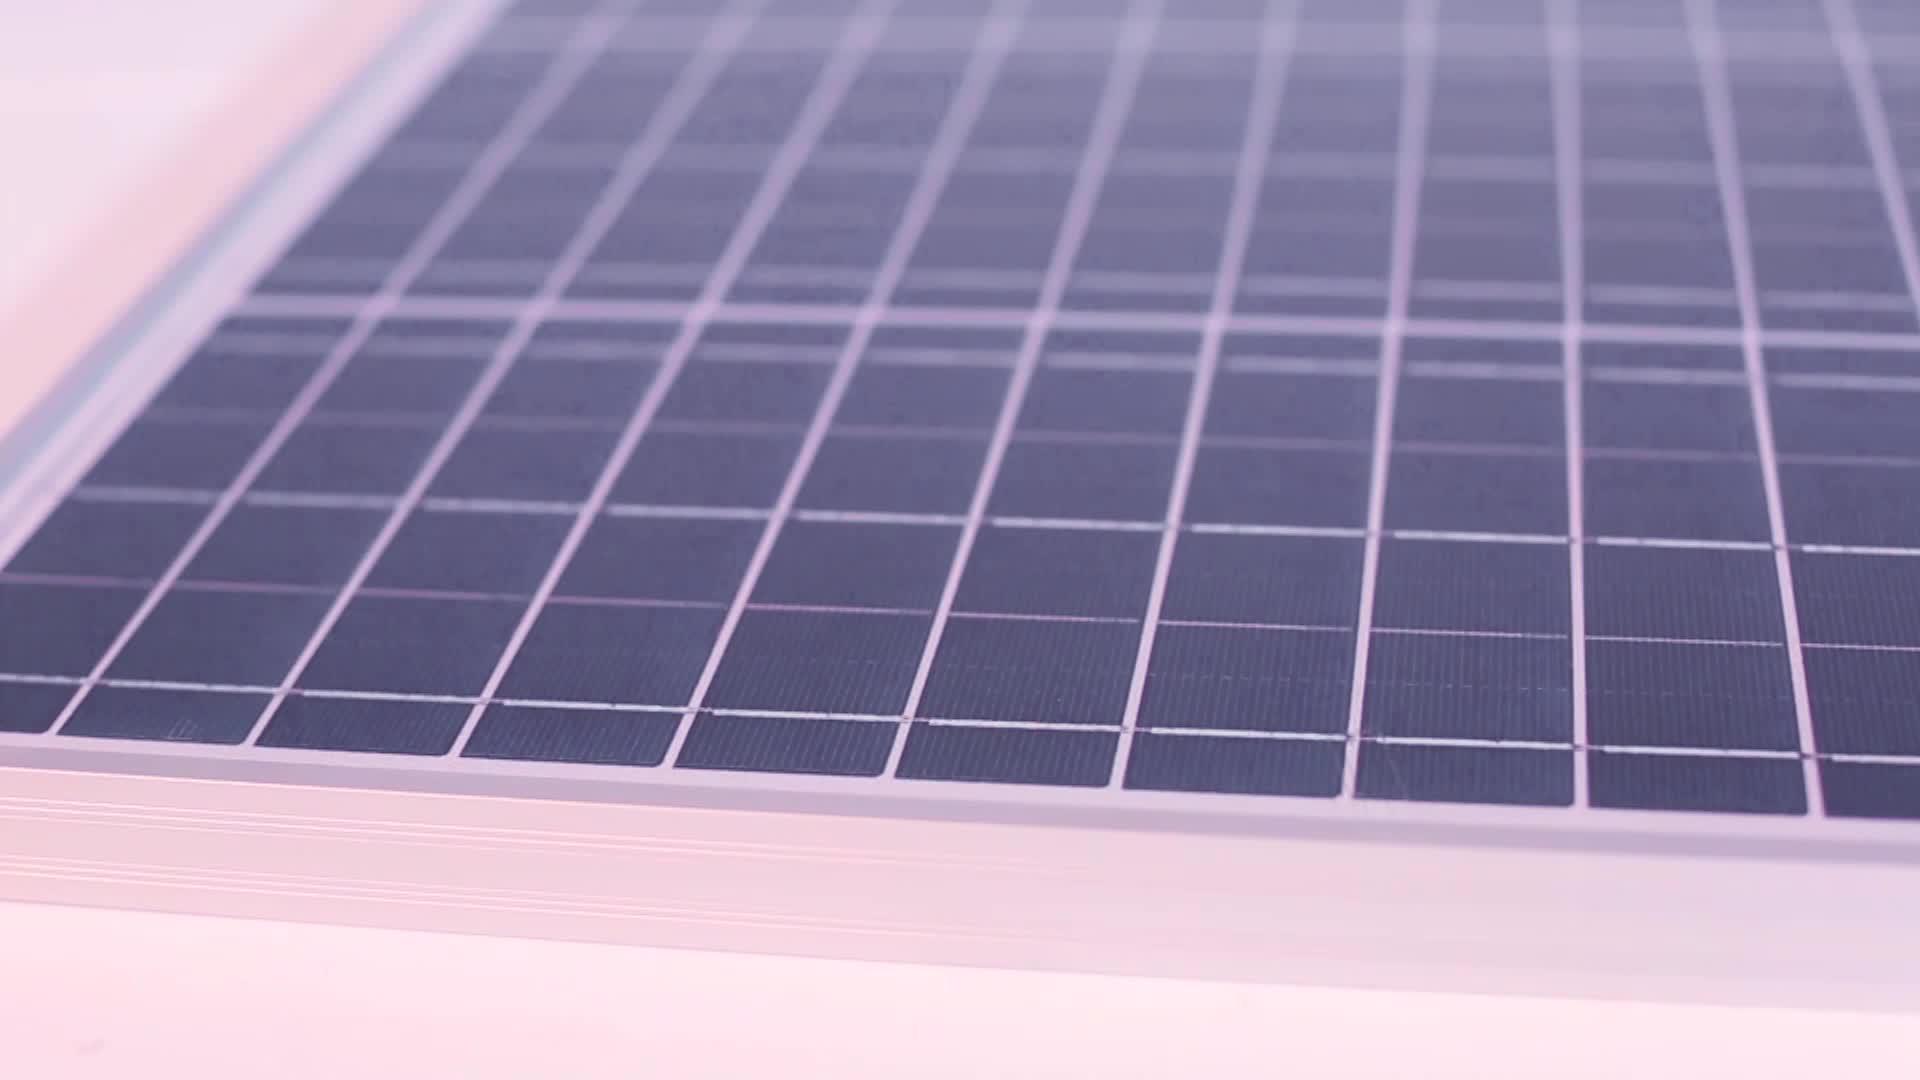 Harga Nego dan Merek Teratas 5kw 10kw 15kw 50kw Solar Sistem Grid Tenaga Surya Sistem Energi Mengasah Kit Solar Energi di Eropa